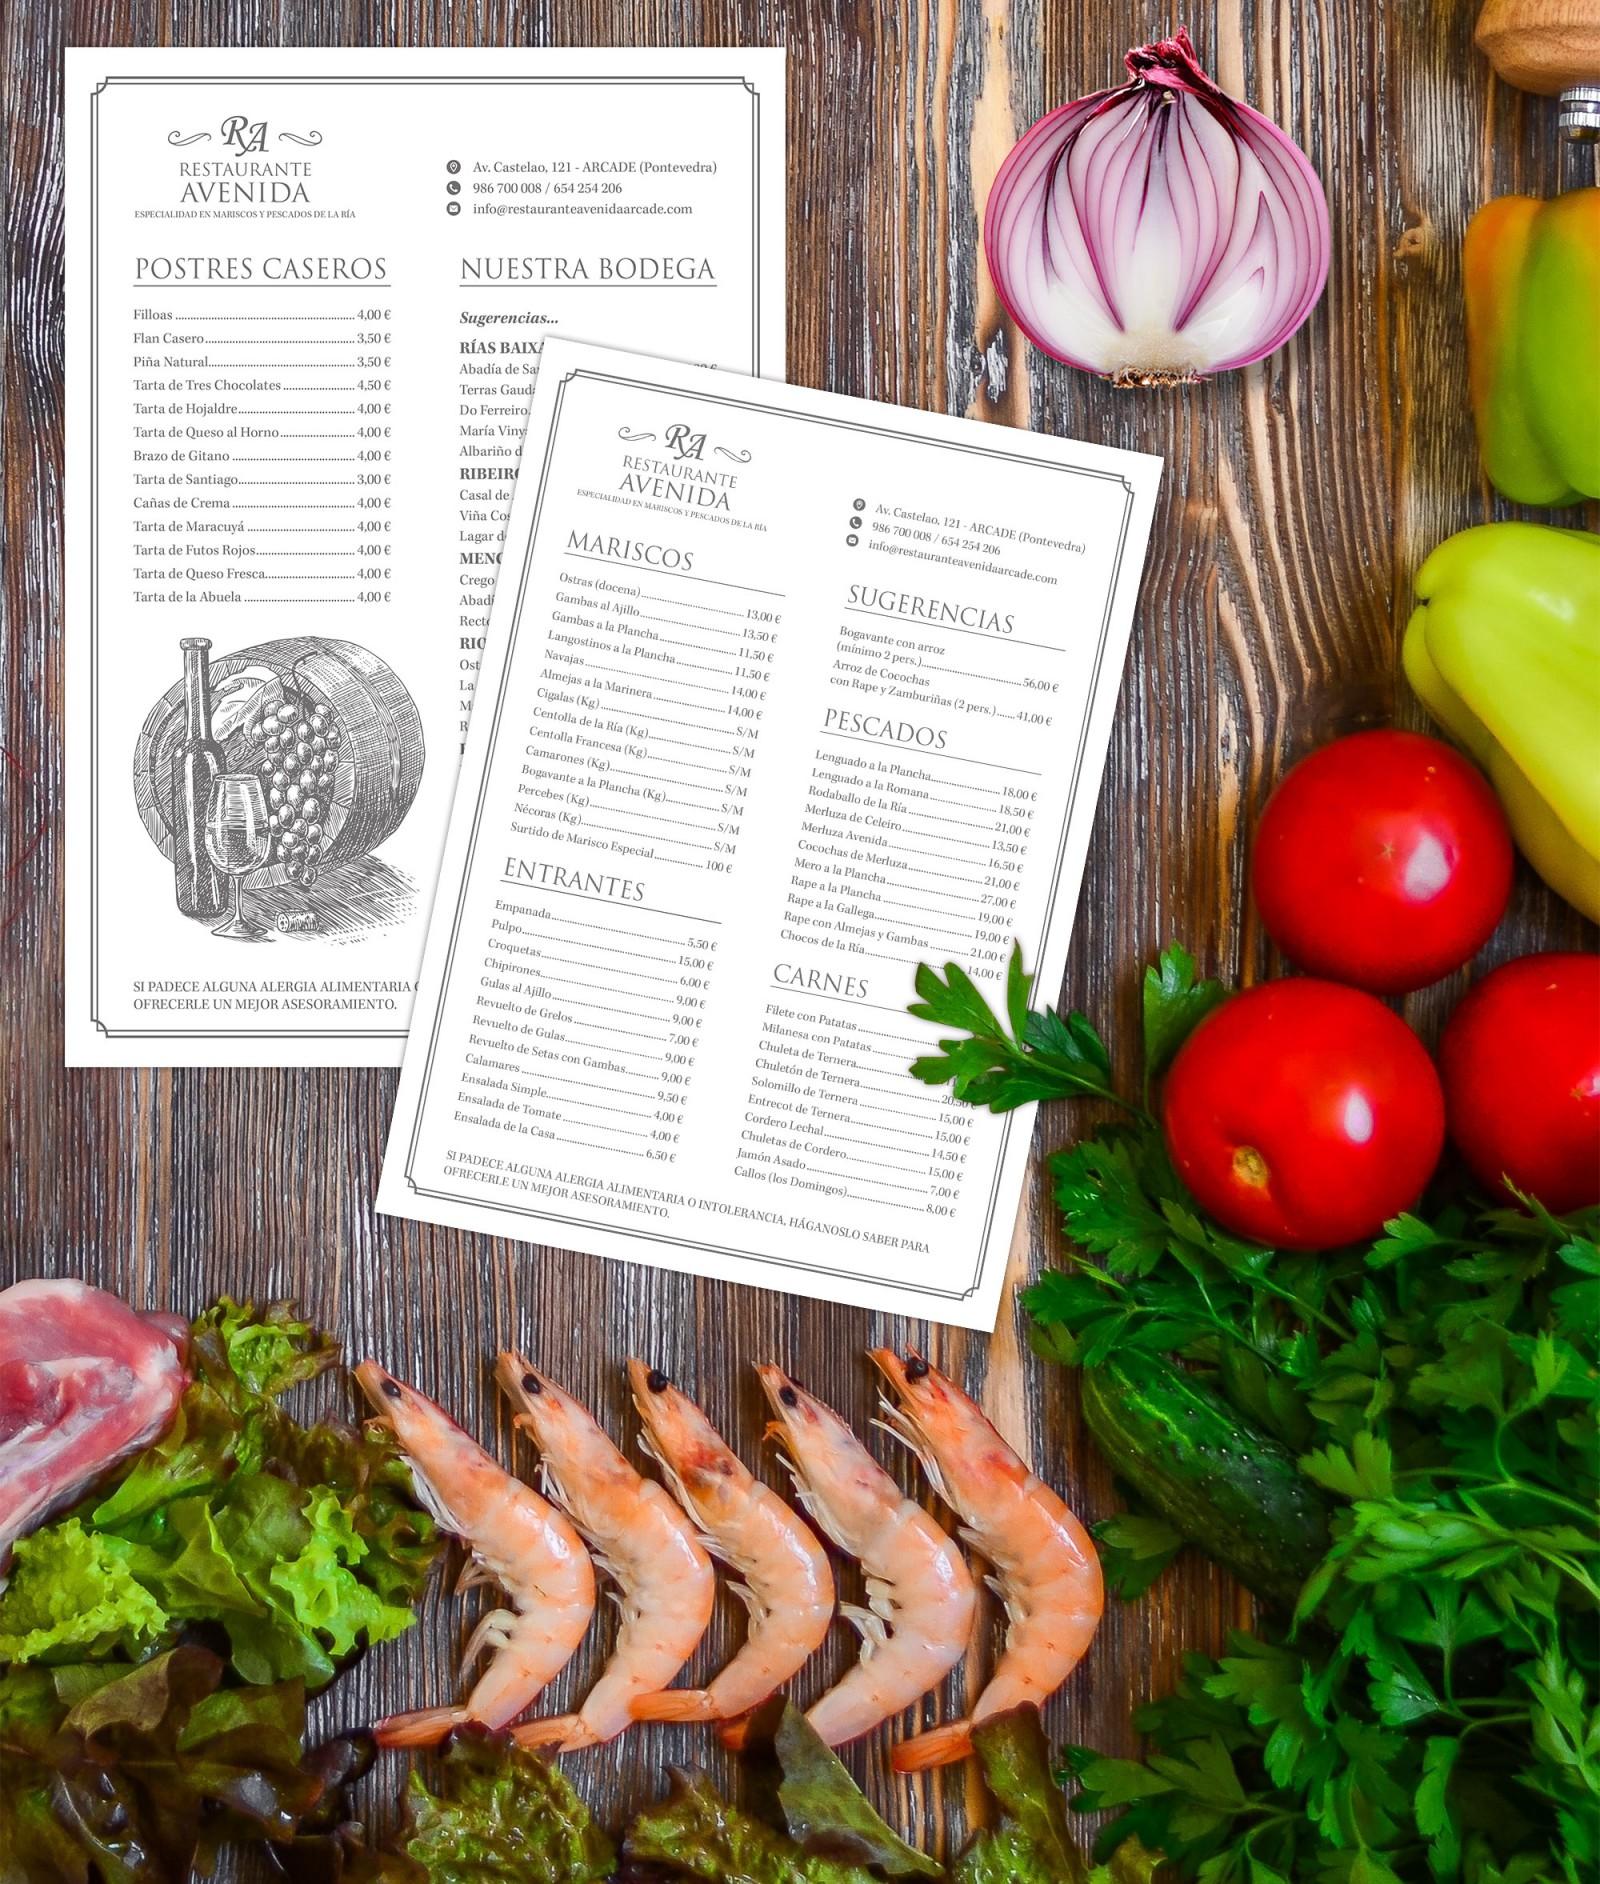 Restaurante Avenida Diseño Publicidad Marketing Carta Menú Restaurante Cafetería Hostelería